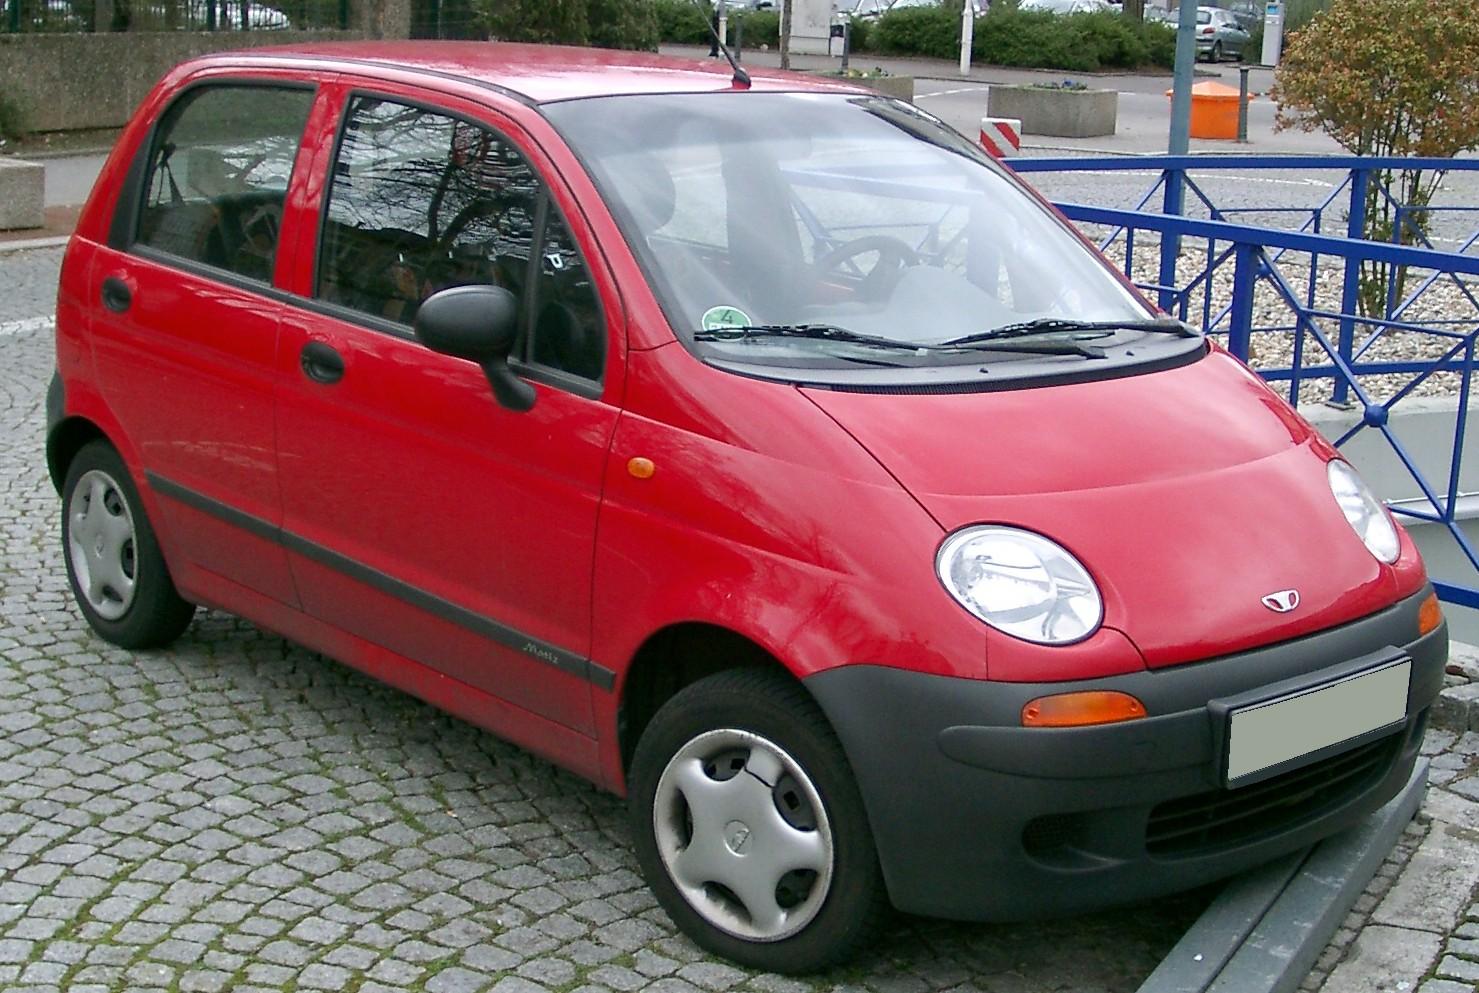 red daewoo parking